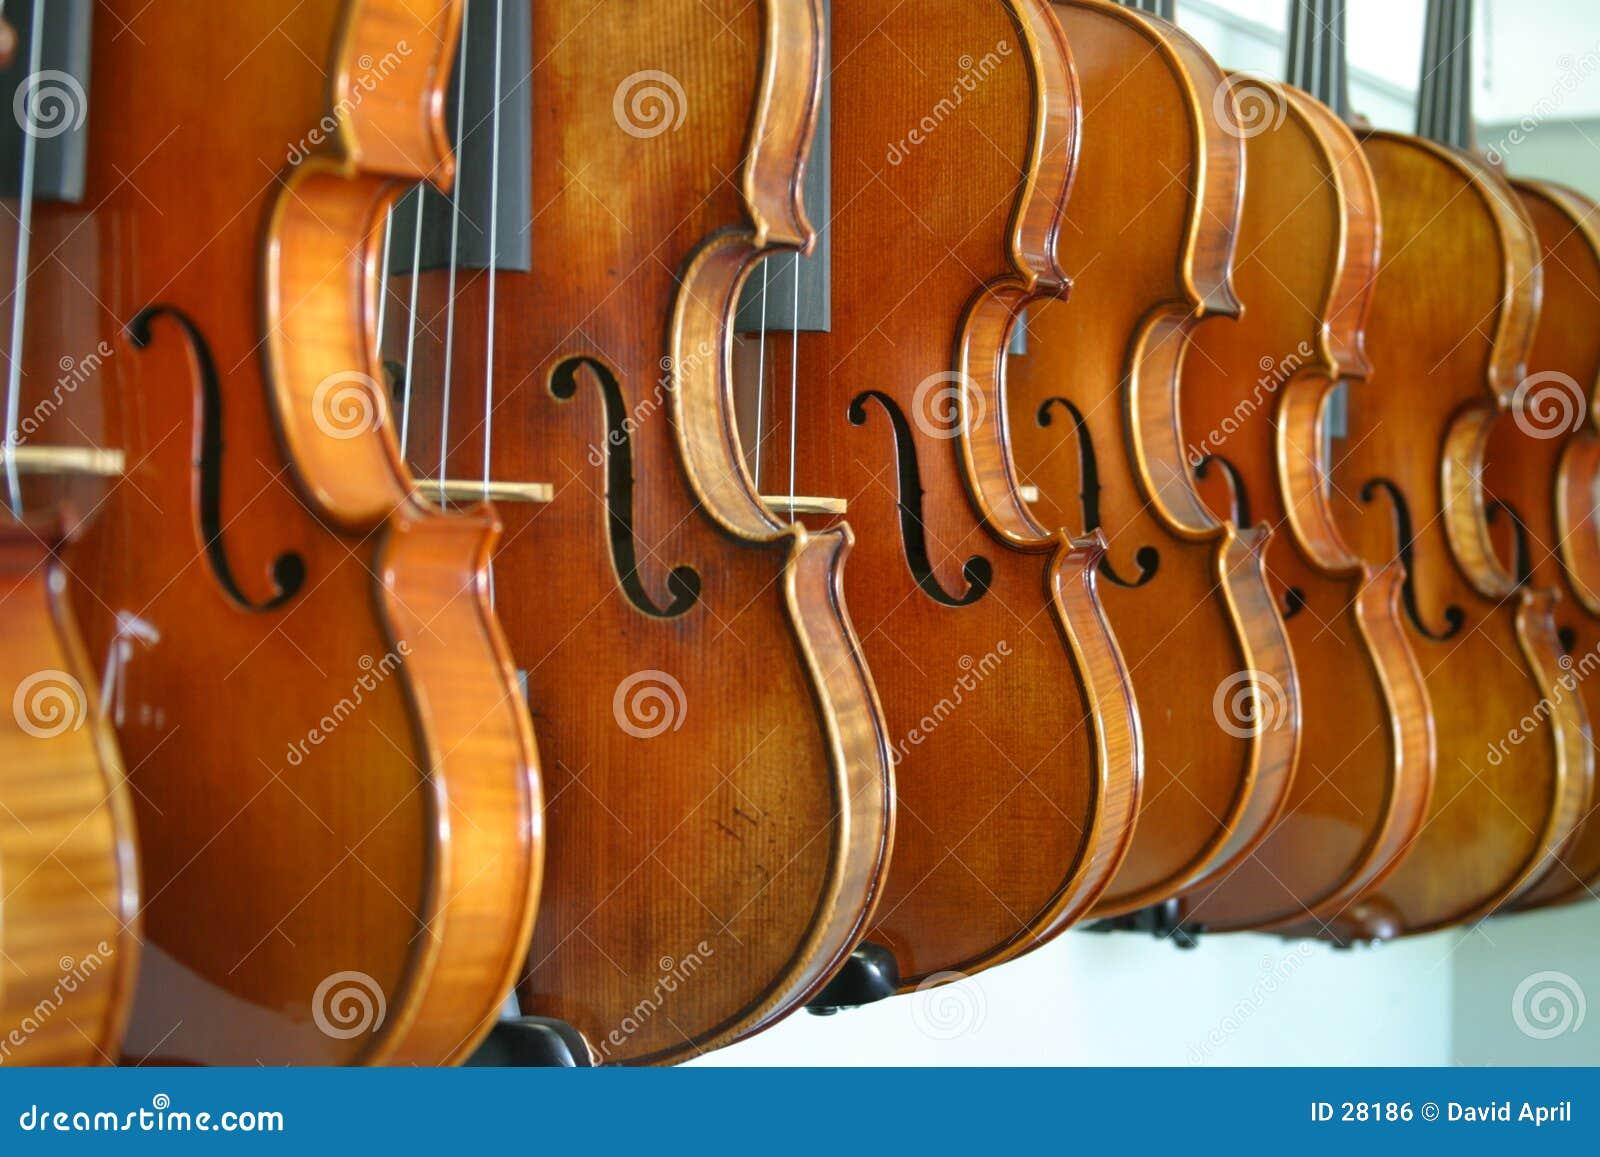 Violinos de suspensão